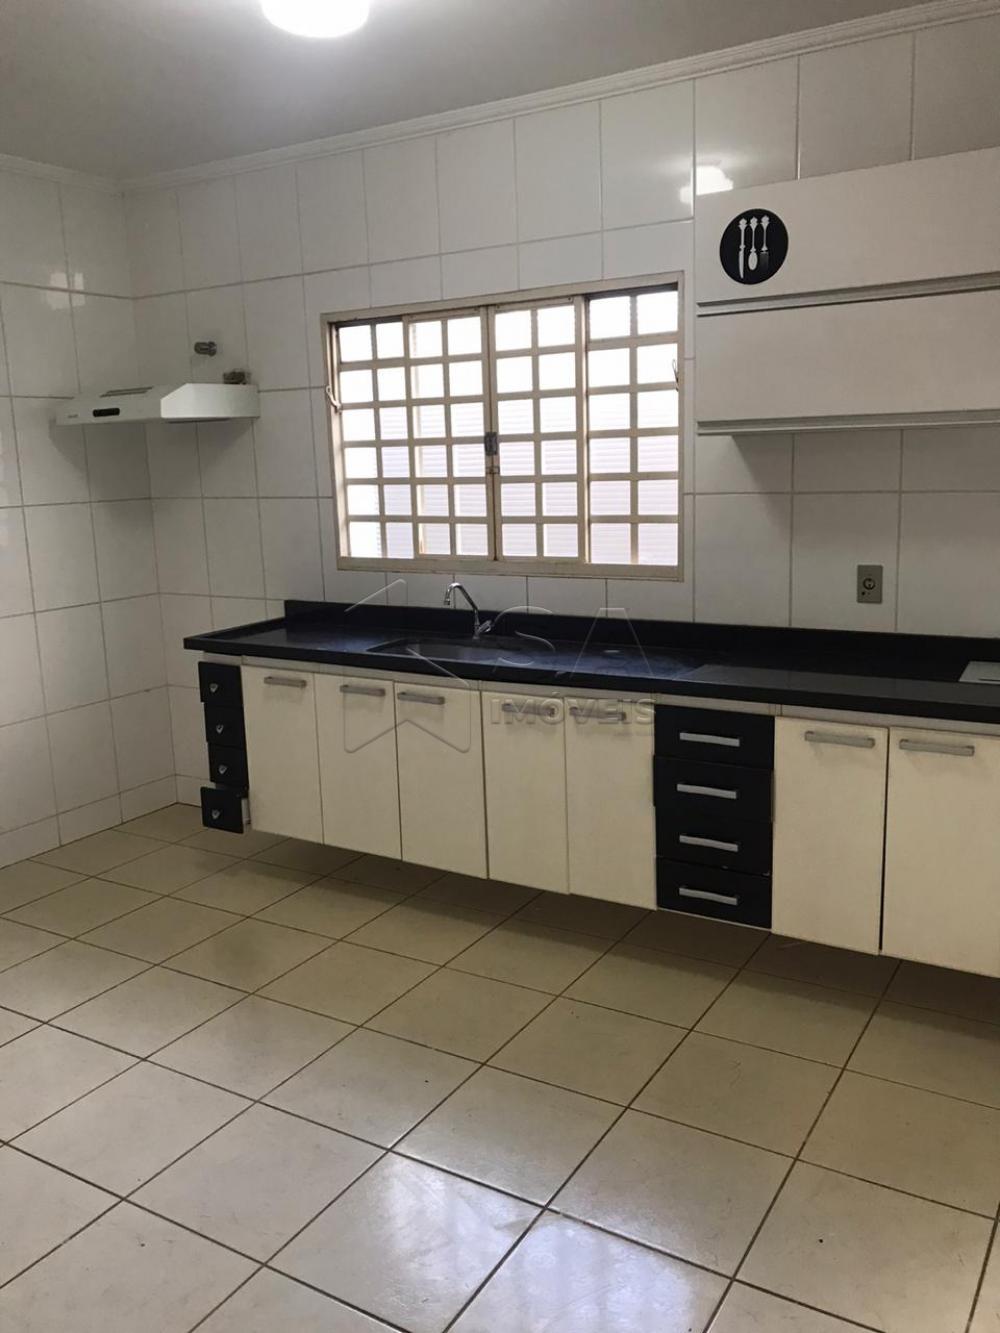 Comprar Casa / Padrão em Botucatu apenas R$ 470.000,00 - Foto 5